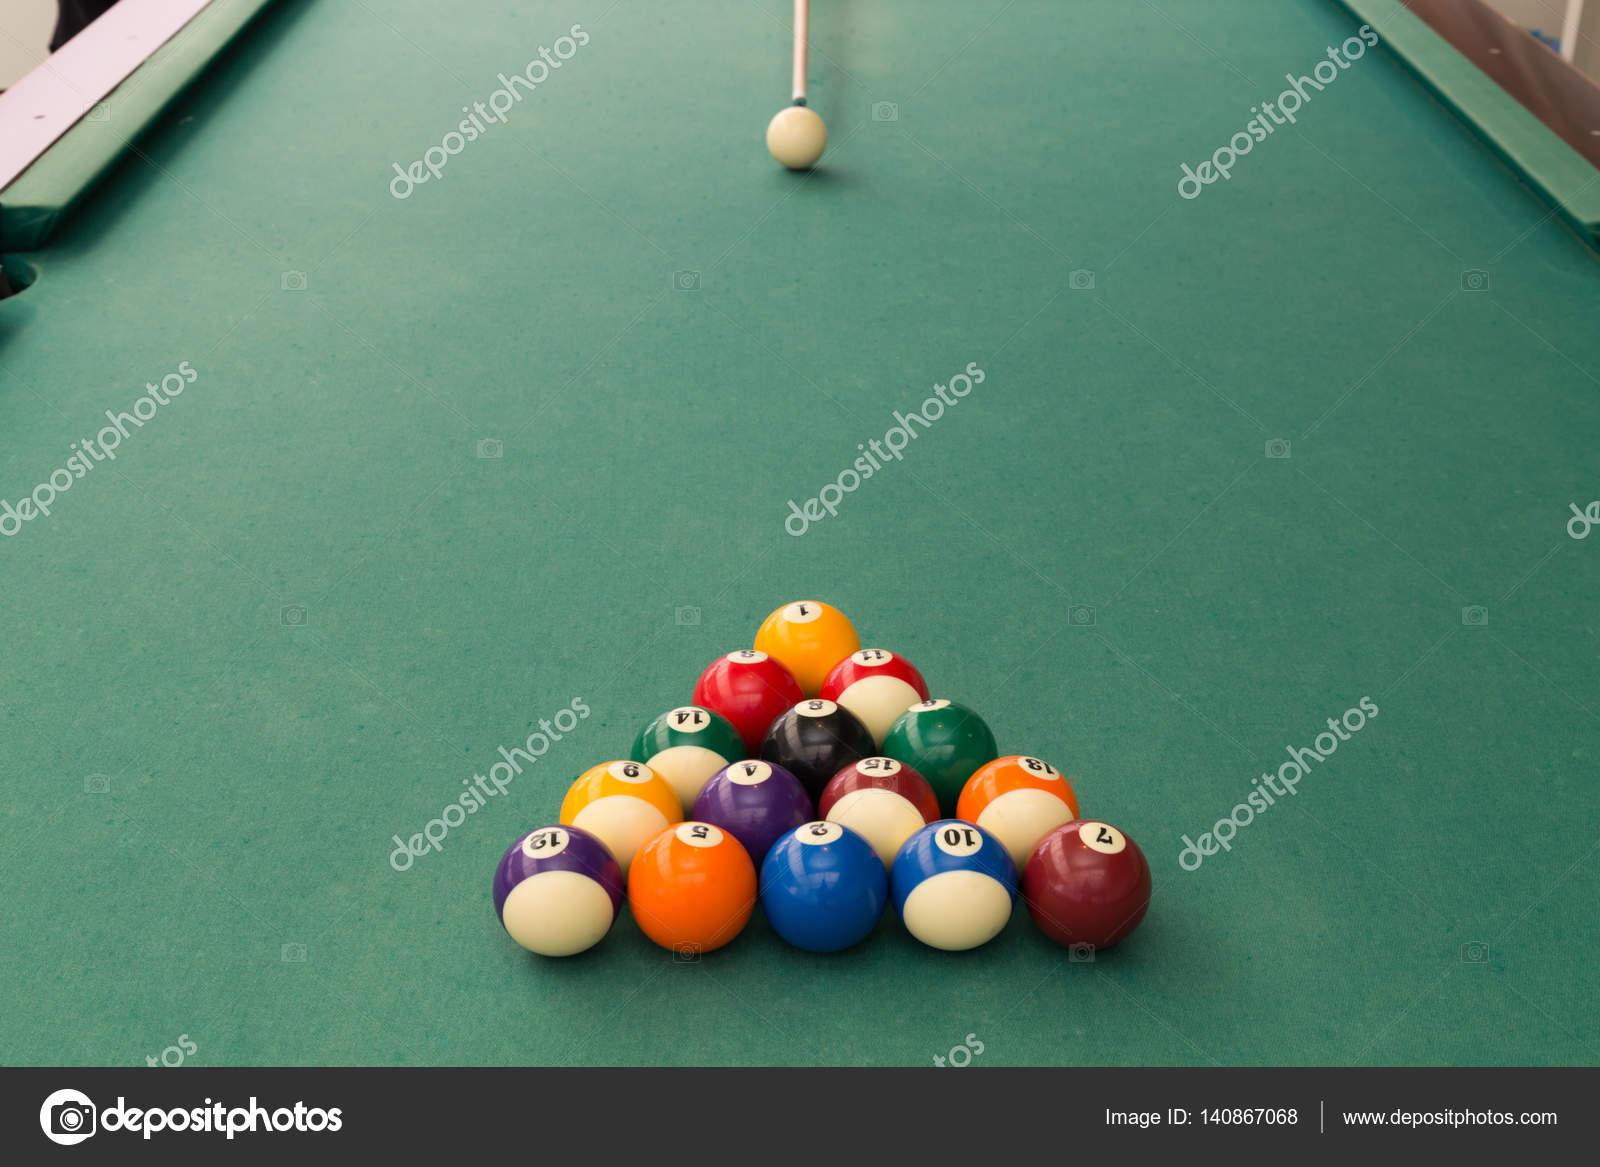 Bianco mira palla per rompere snooker biliardo tavolo da biliardo ...